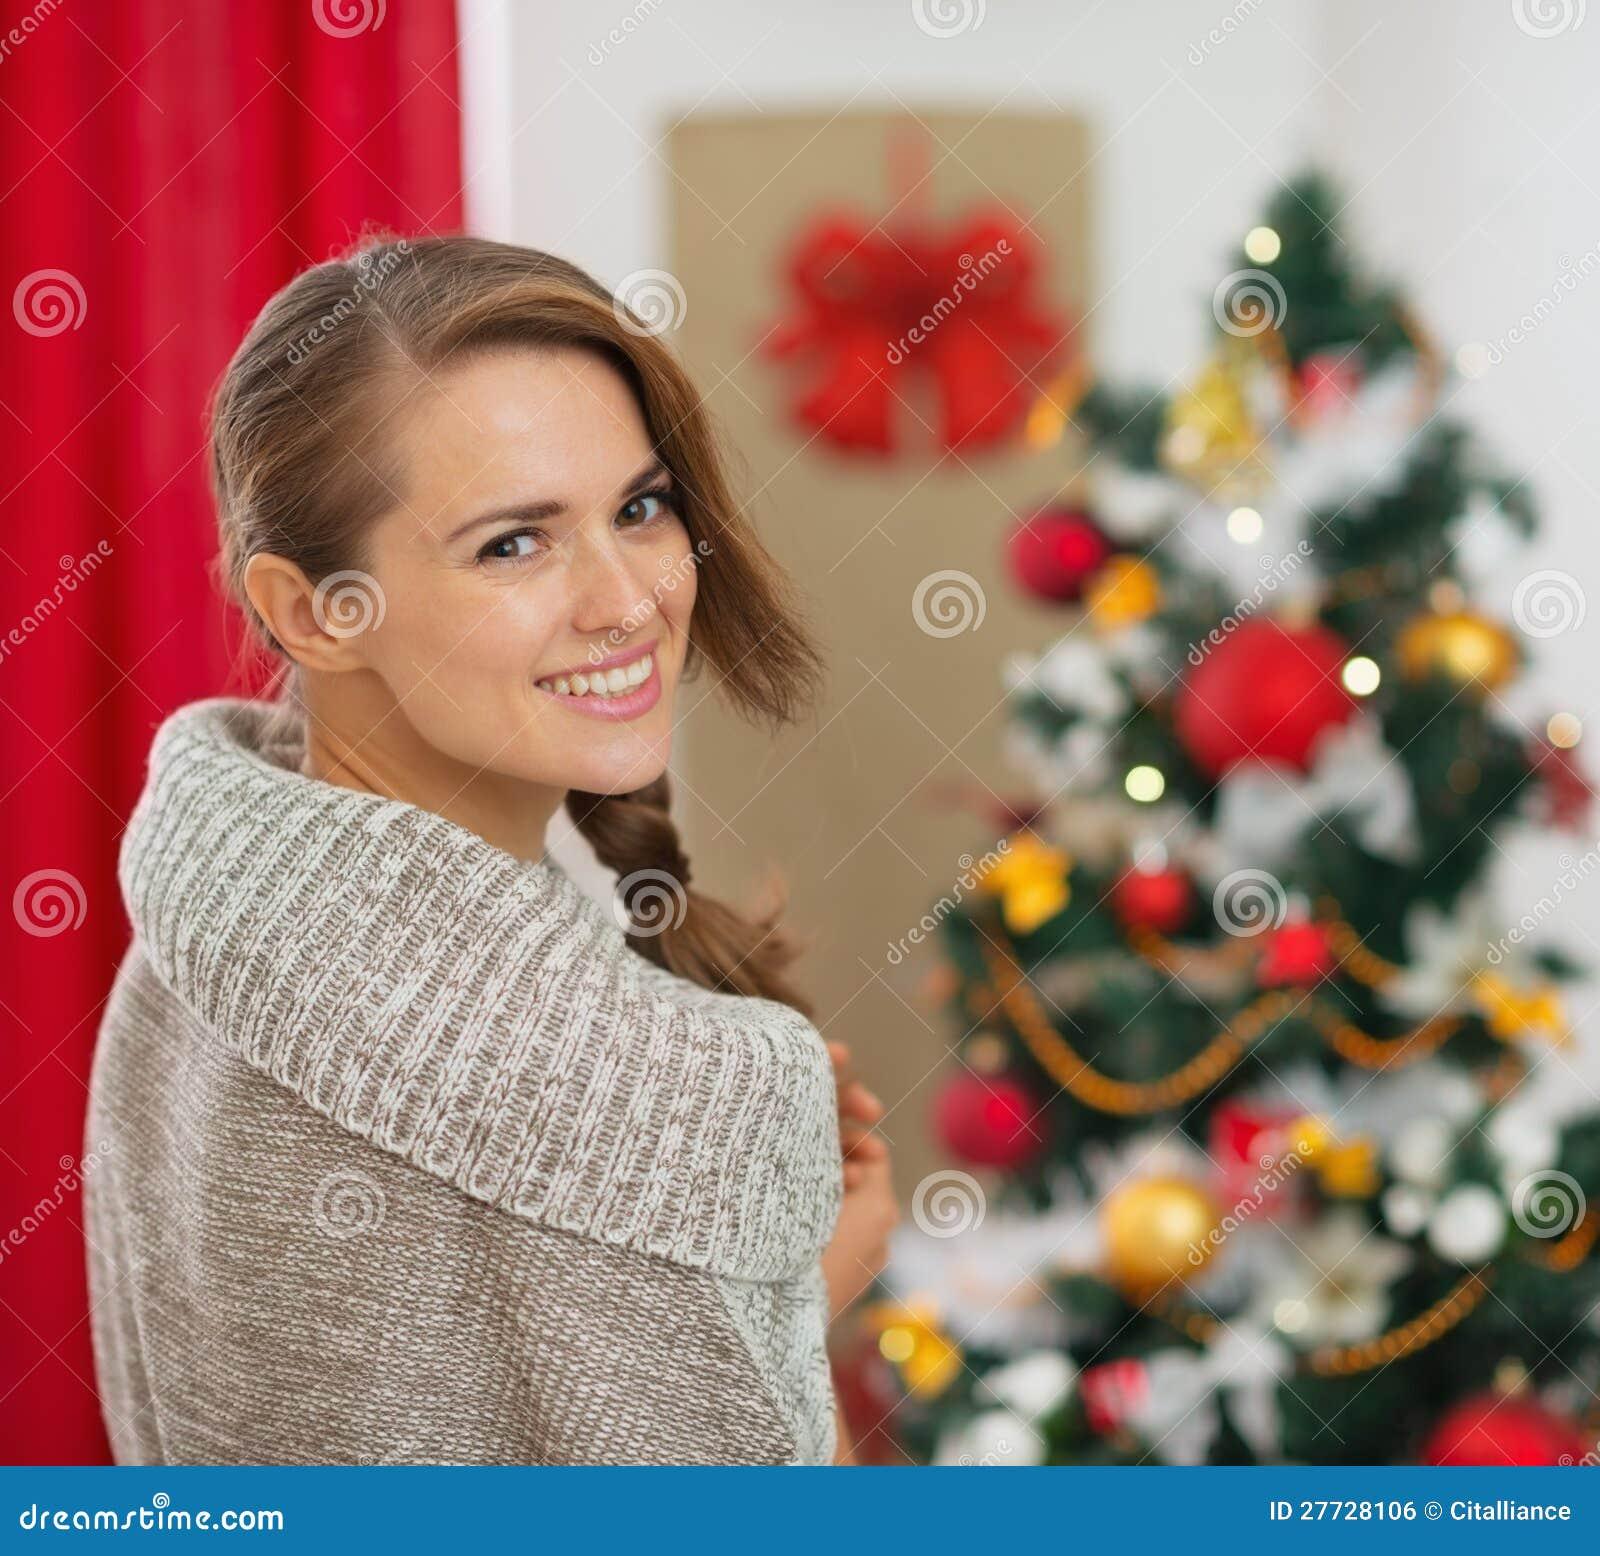 Portrait der Frau vor Weihnachtsbaum